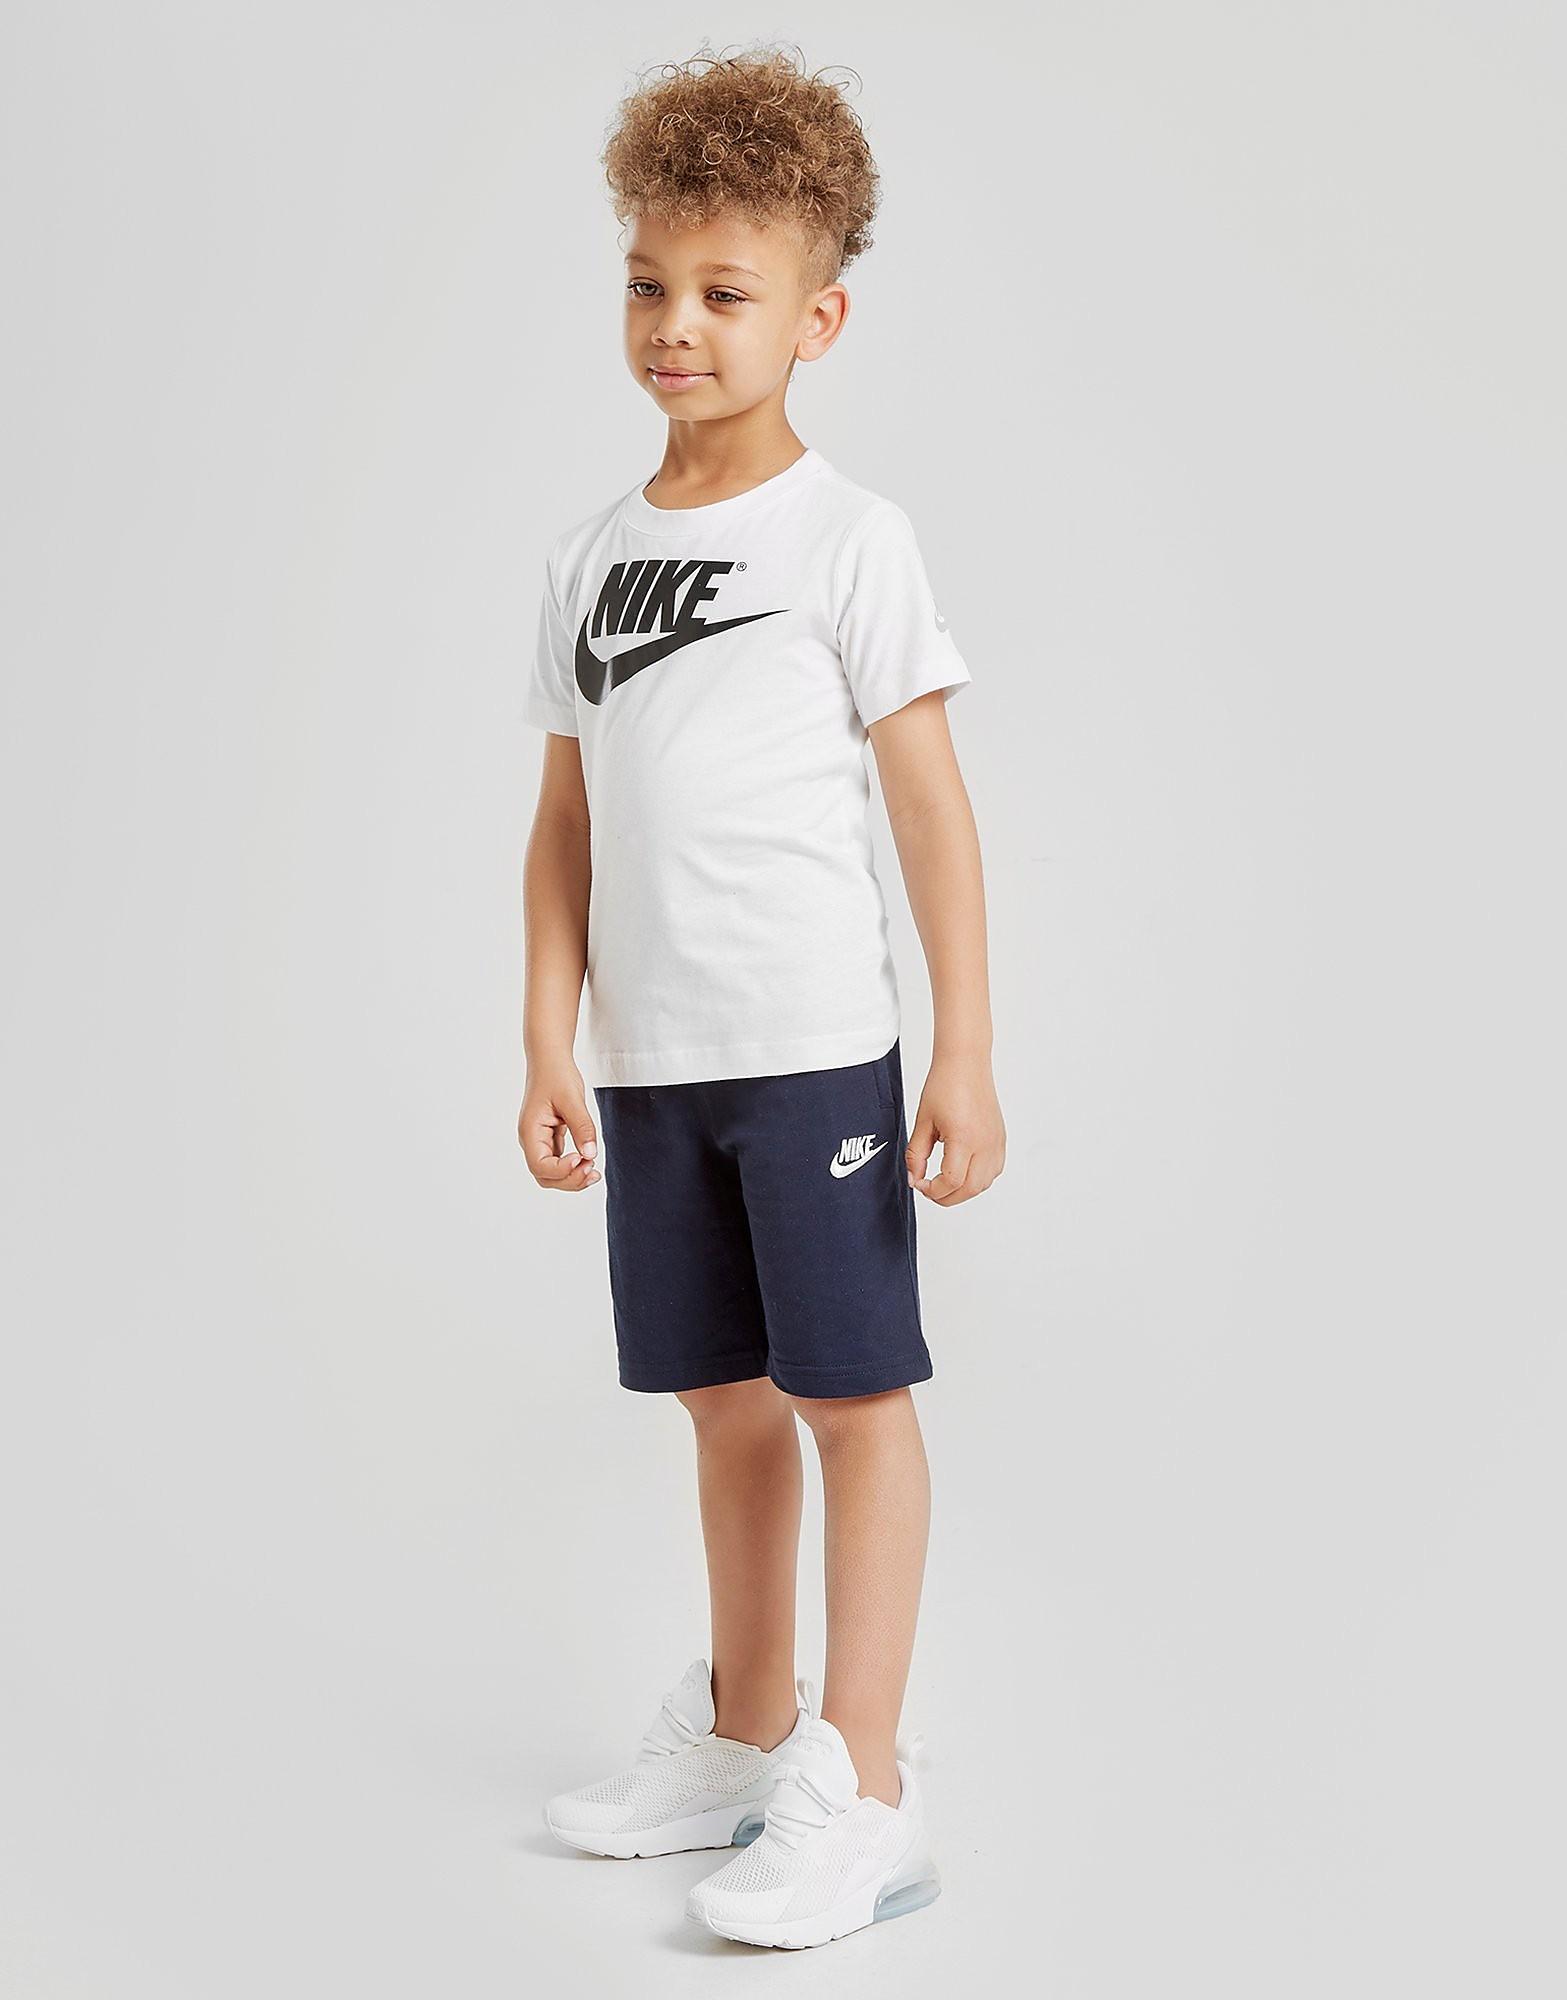 Nike pantalón corto Franchise infantil